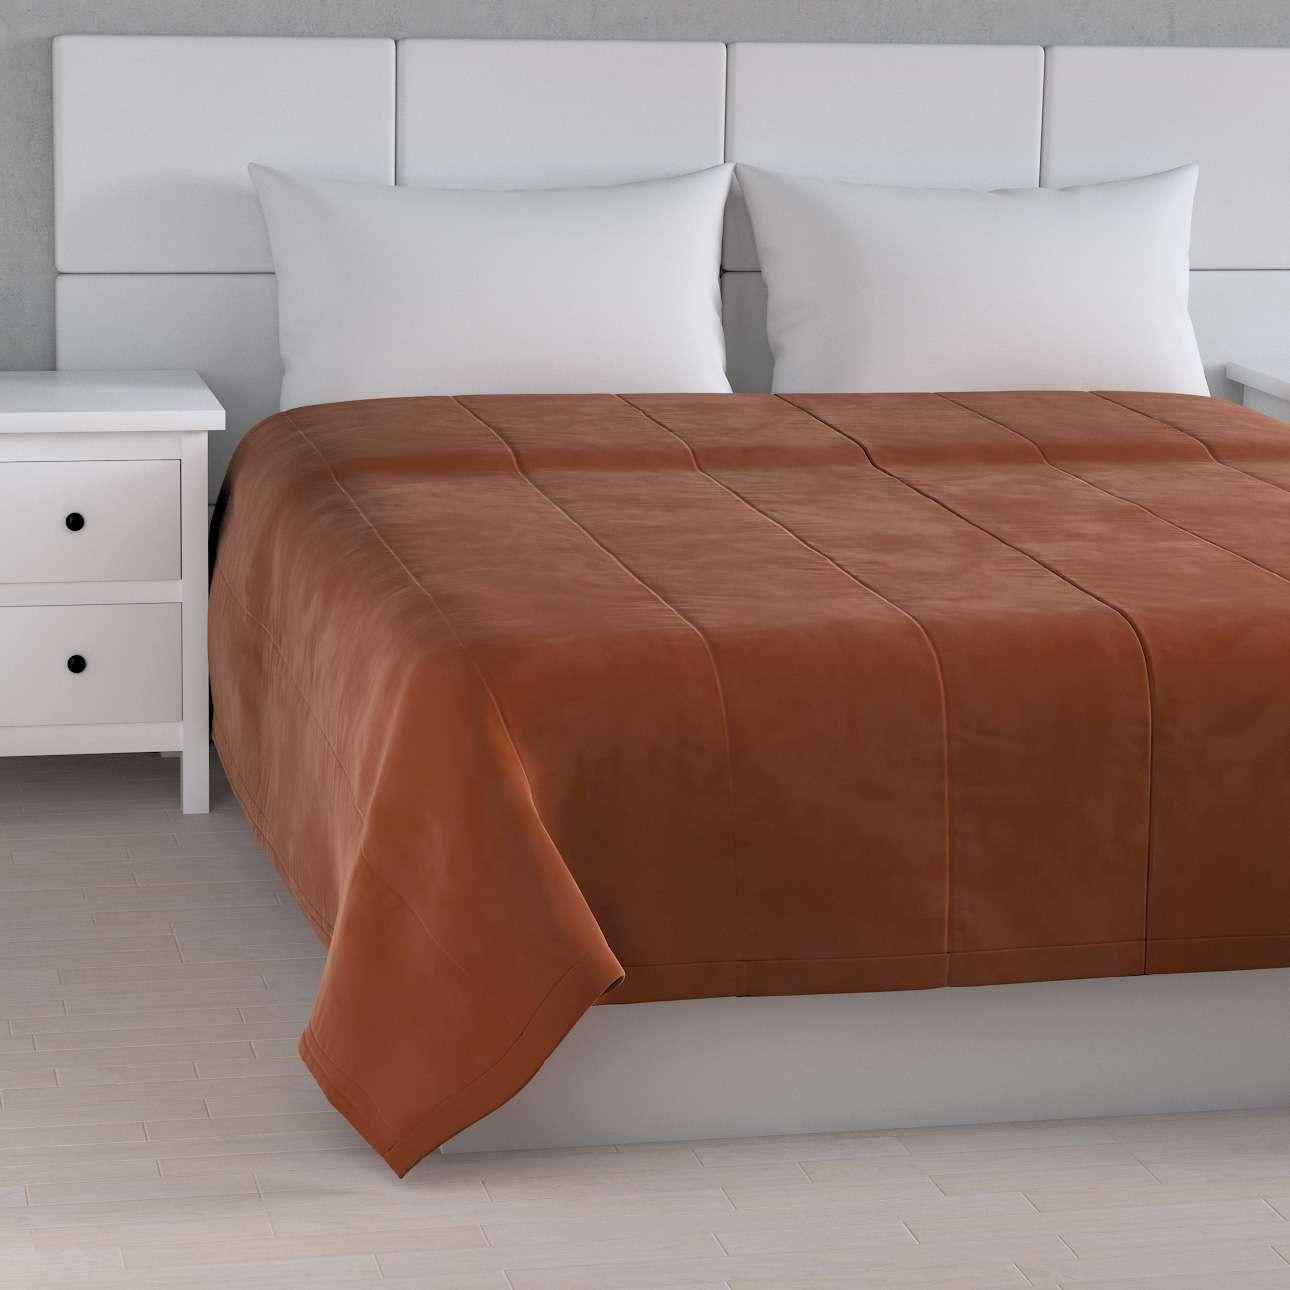 Velvet-Tagesdecke mit Streifen-Steppung von der Kollektion Velvet, Stoff: 704-33